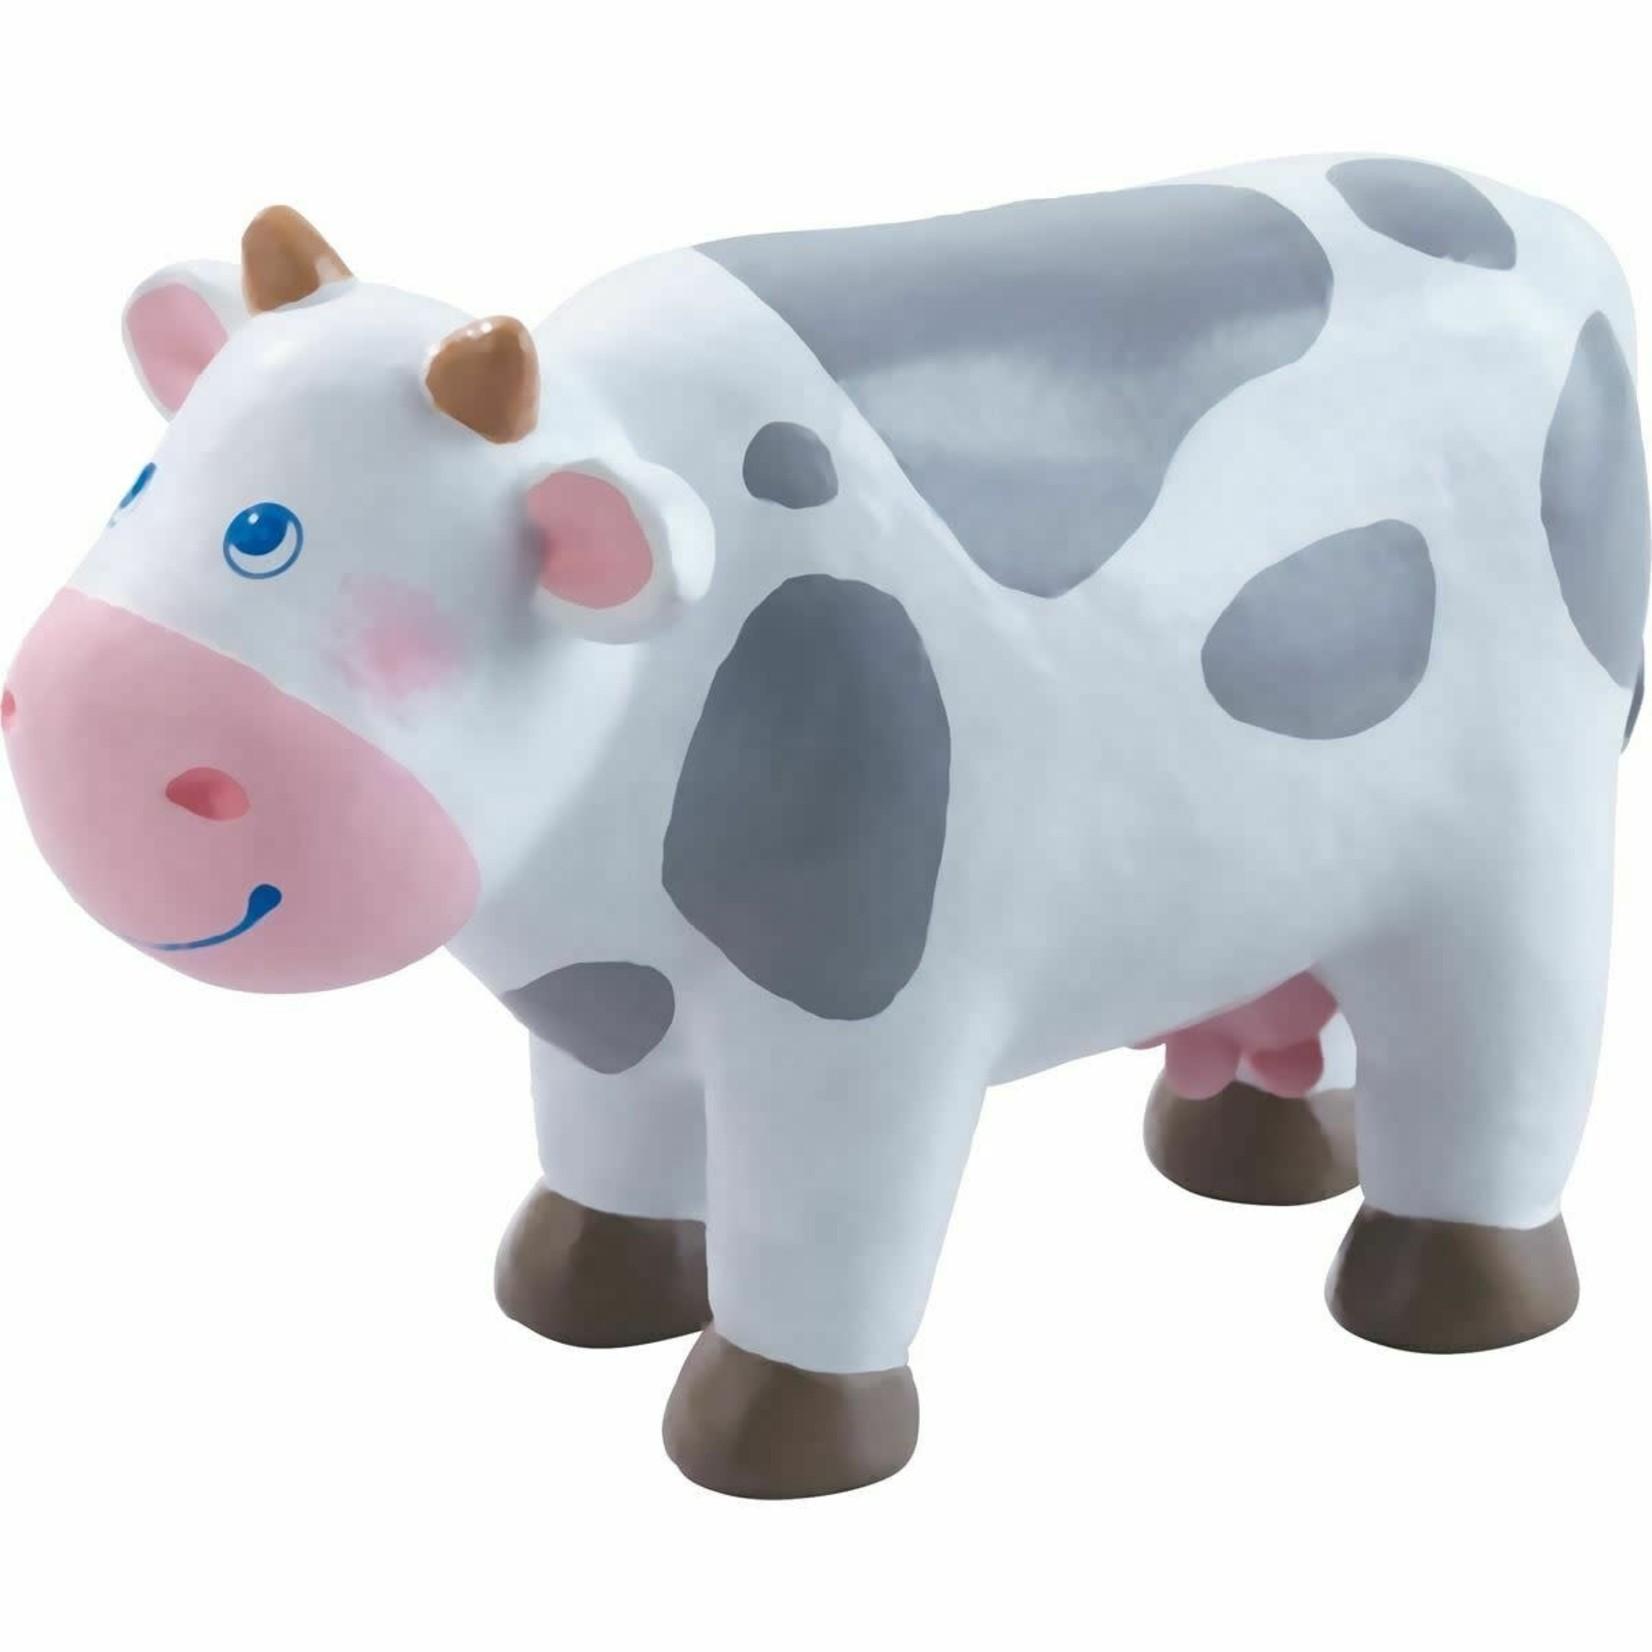 Haba Little Friends - Cow